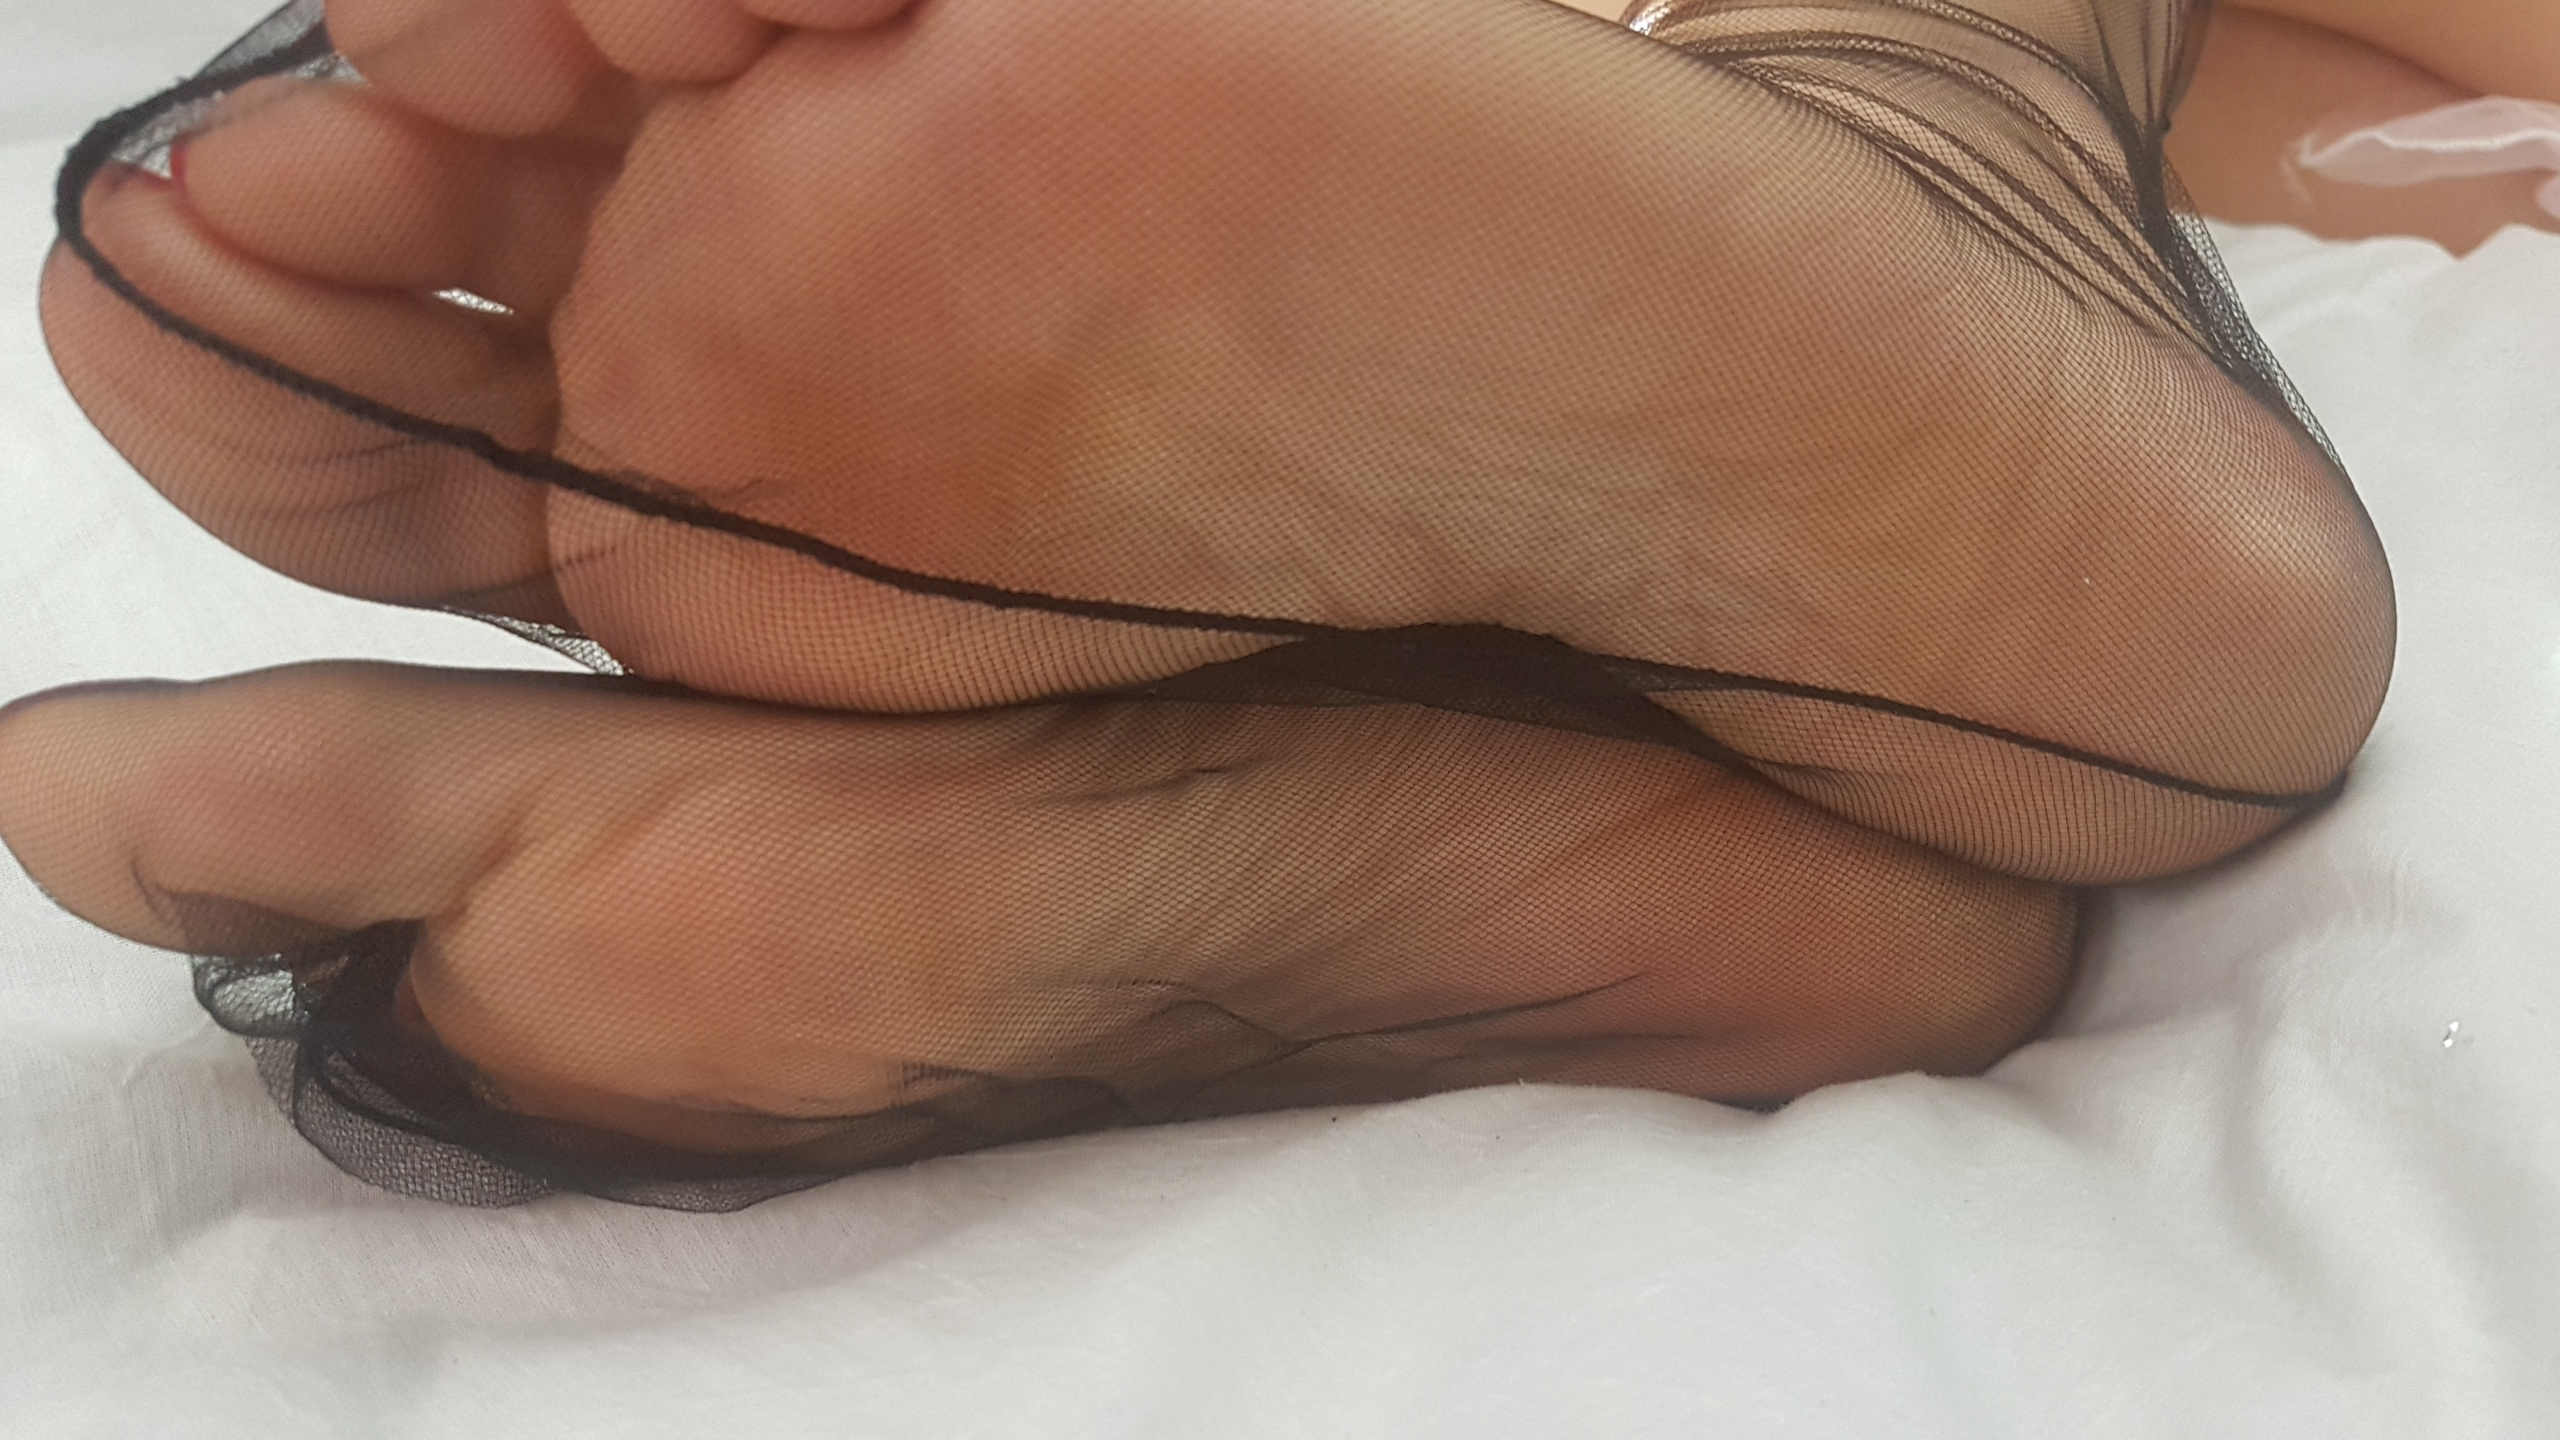 bas et collants odorants pour fétich